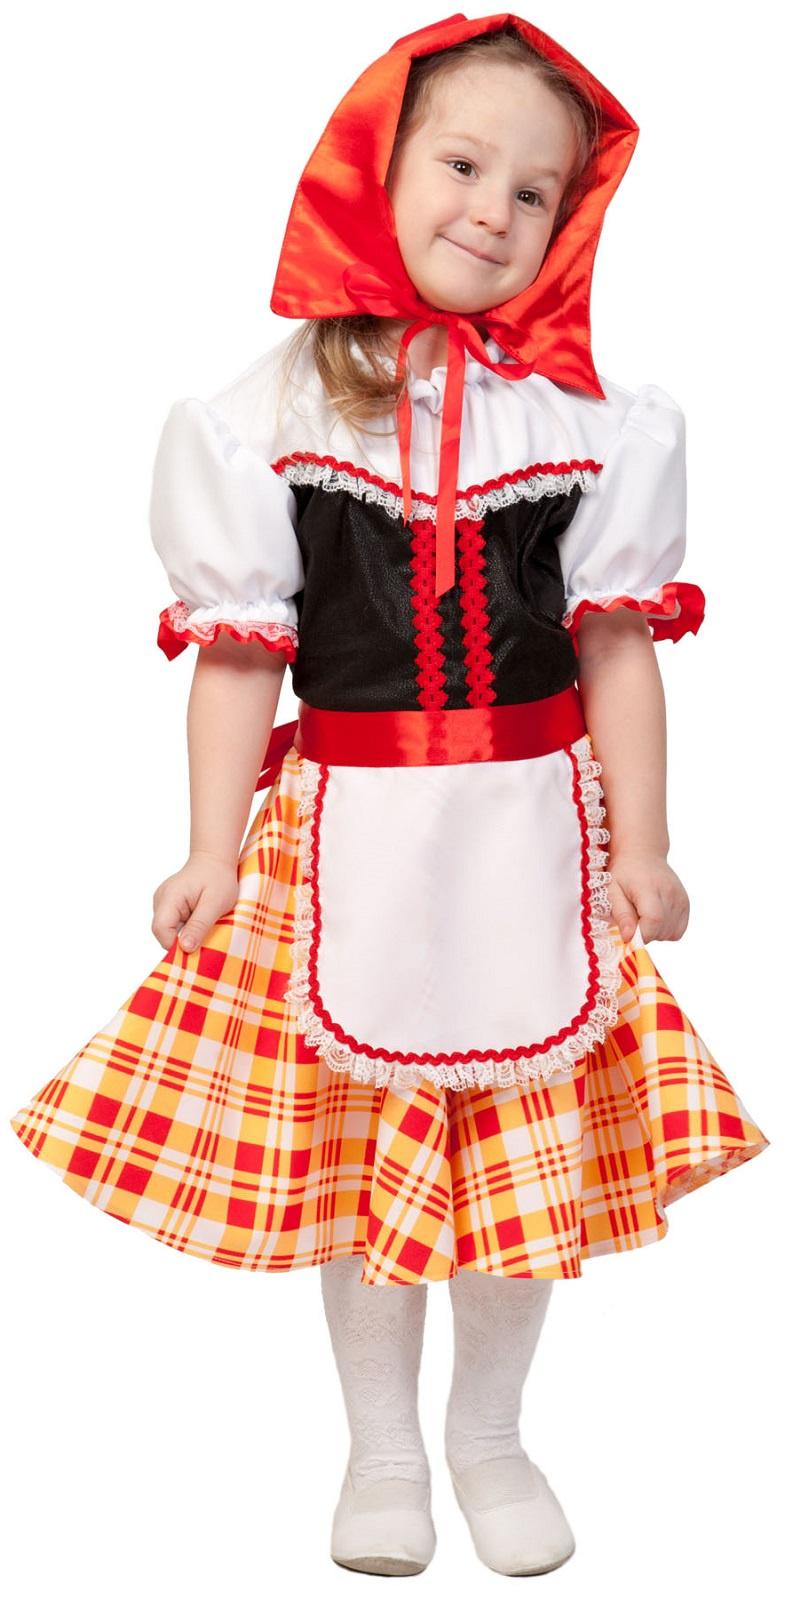 цены на Карнавалофф Карнавальный костюм Красная шапочка в интернет-магазинах